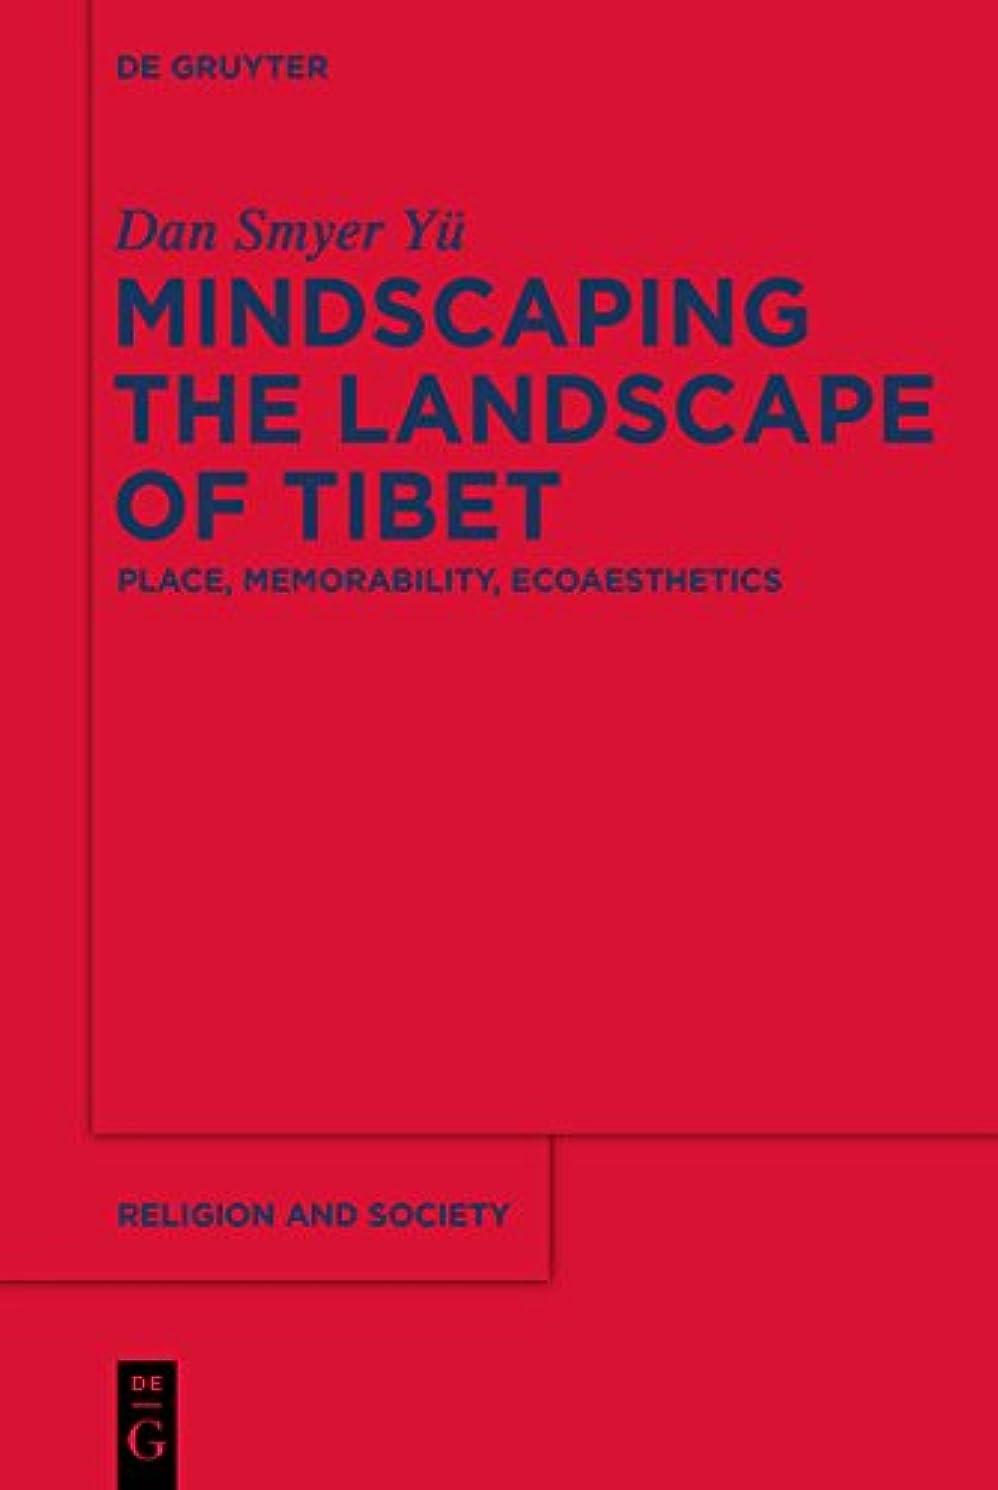 自体先生パターンMindscaping the Landscape of Tibet: Place, Memorability, Ecoaesthetics (Religion and Society Book 60) (English Edition)